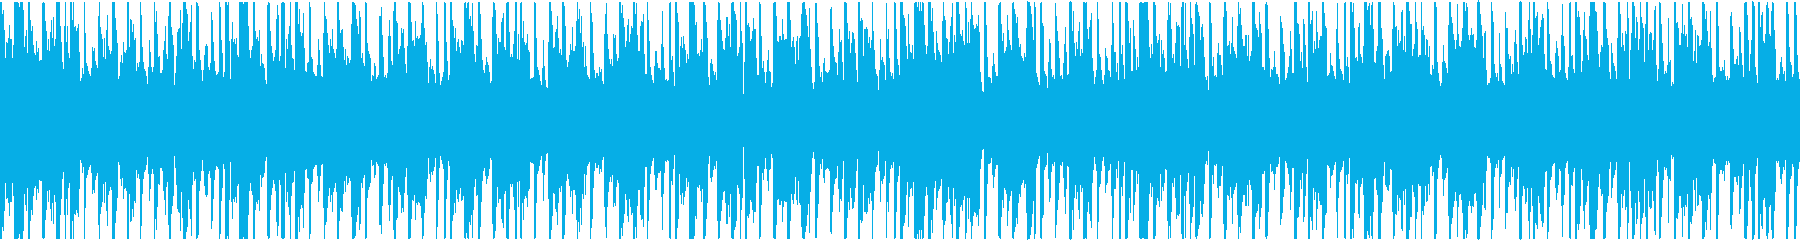 無機質なテクスチャー系BGMの再生済みの波形